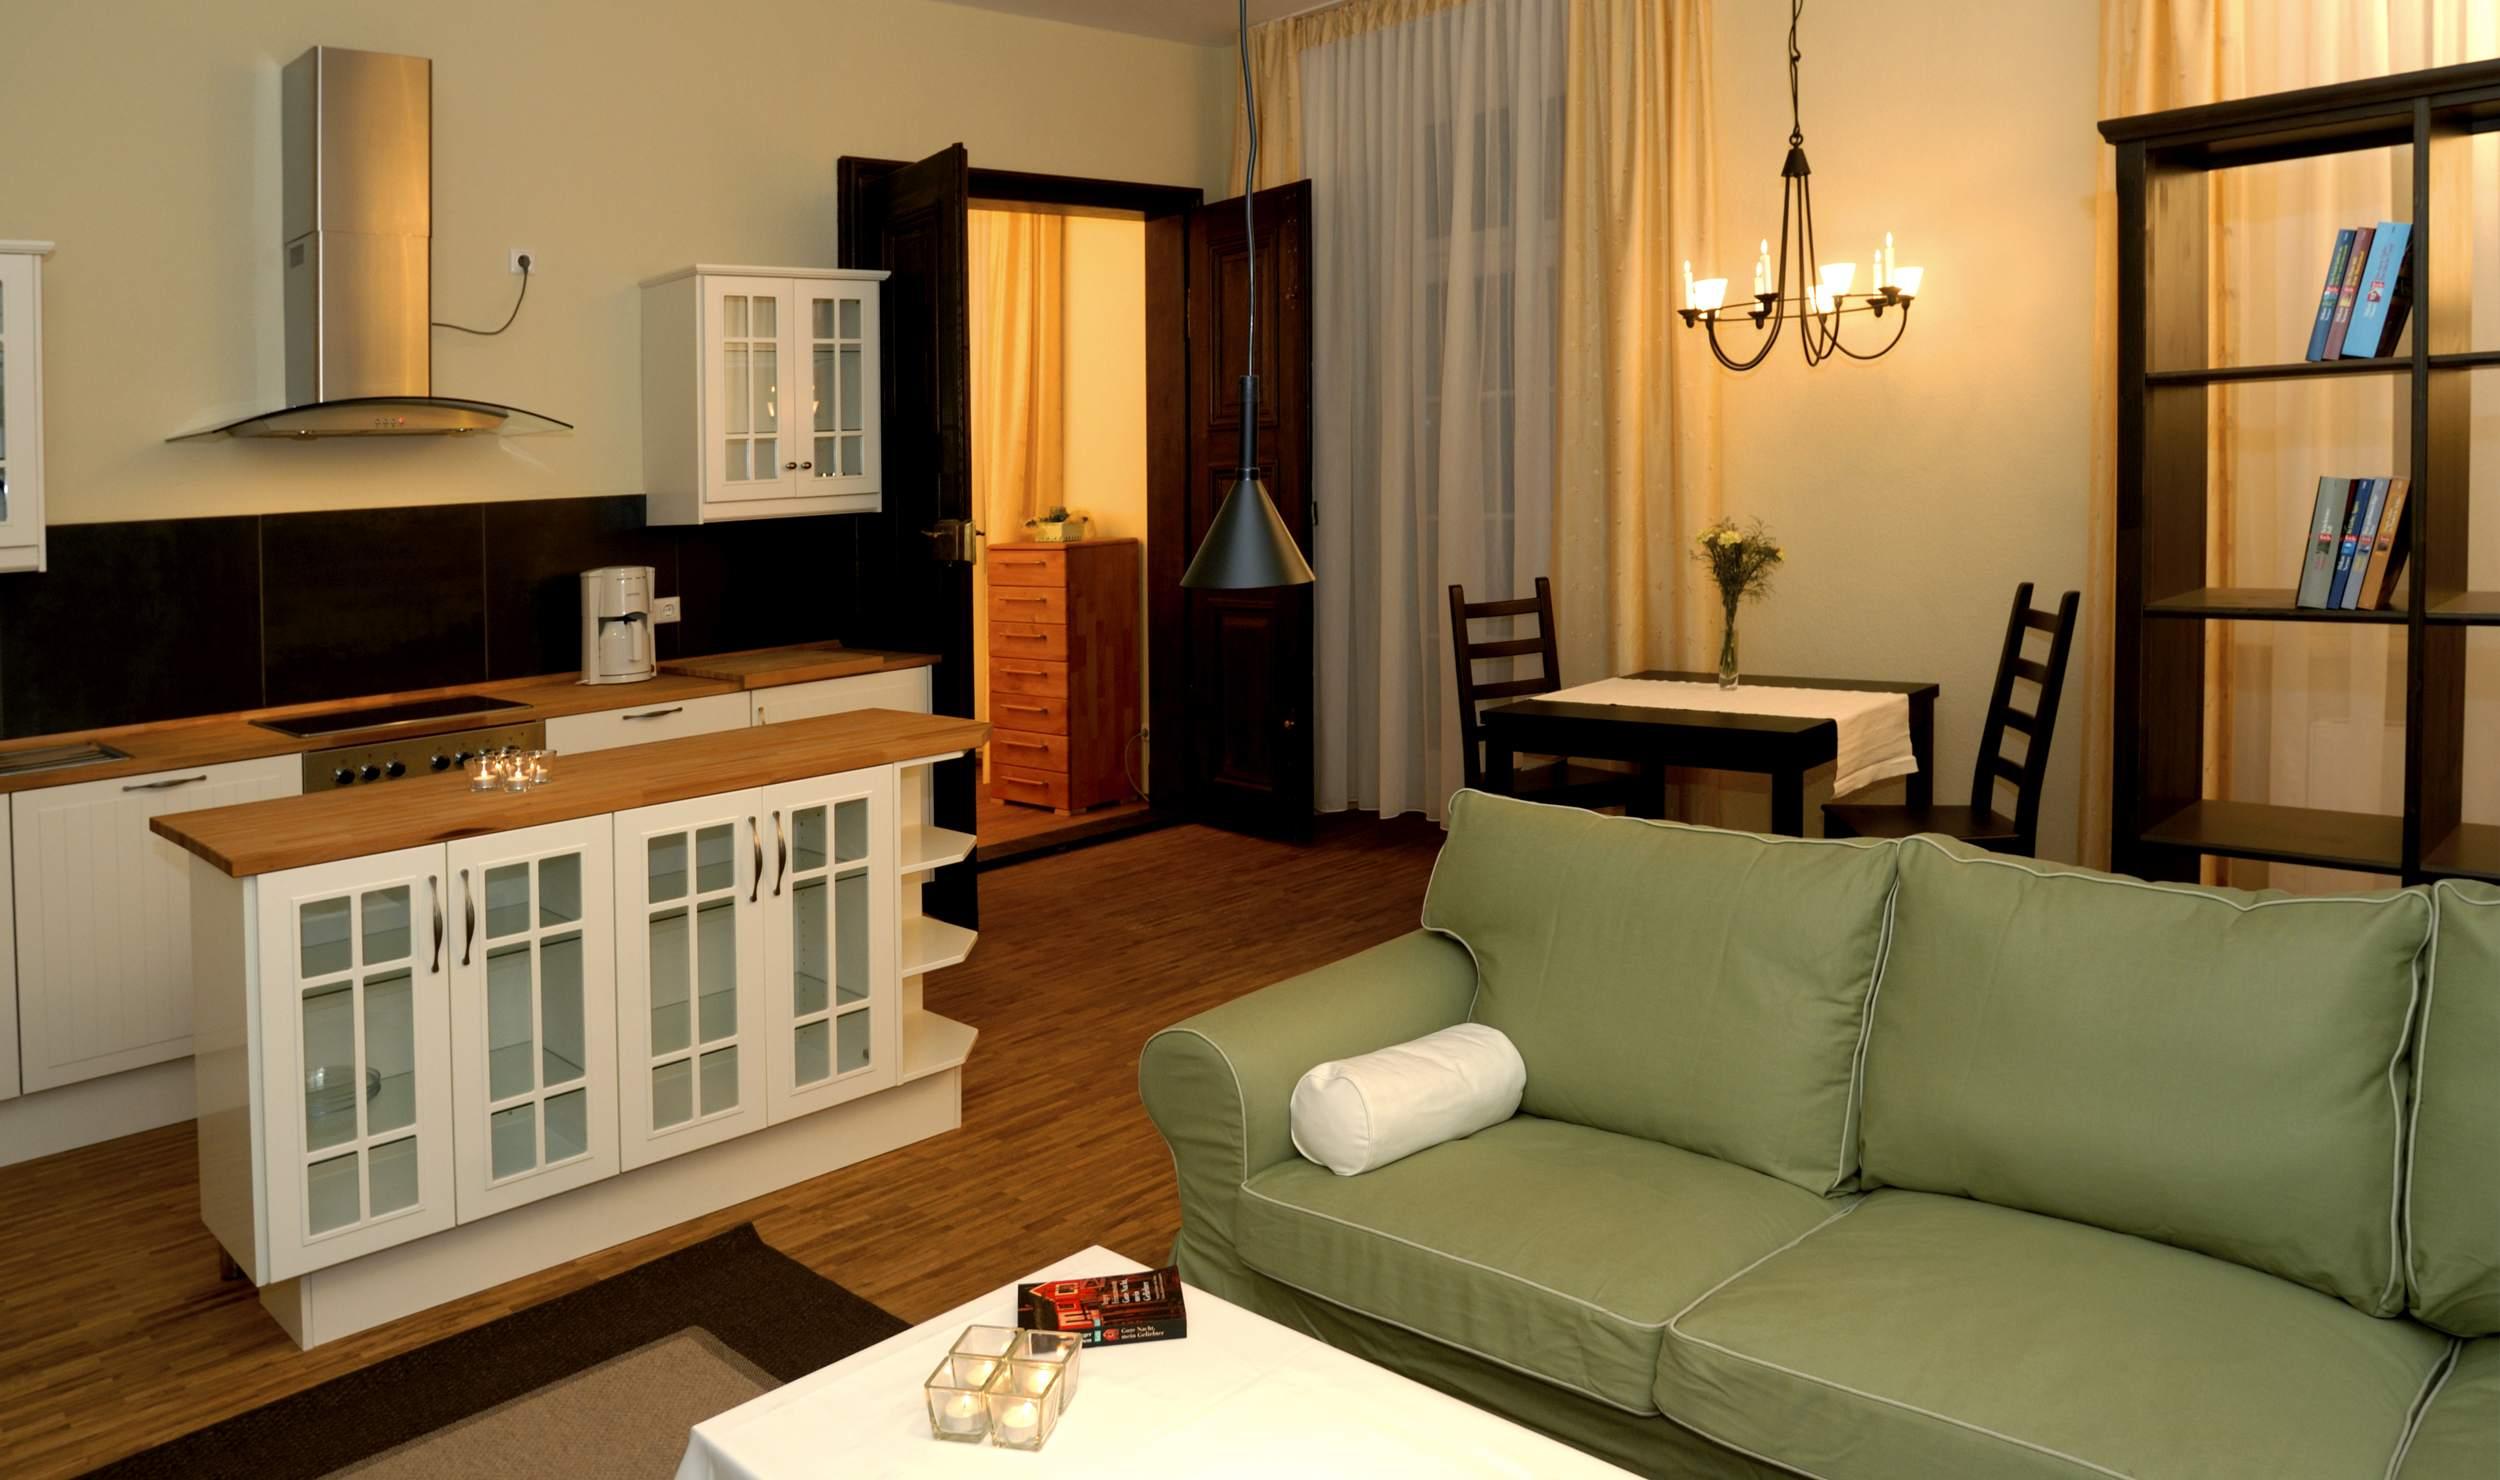 Appartements Residenz Jacobs in Ballenstedt - Wohnzimmer mit Kochnische